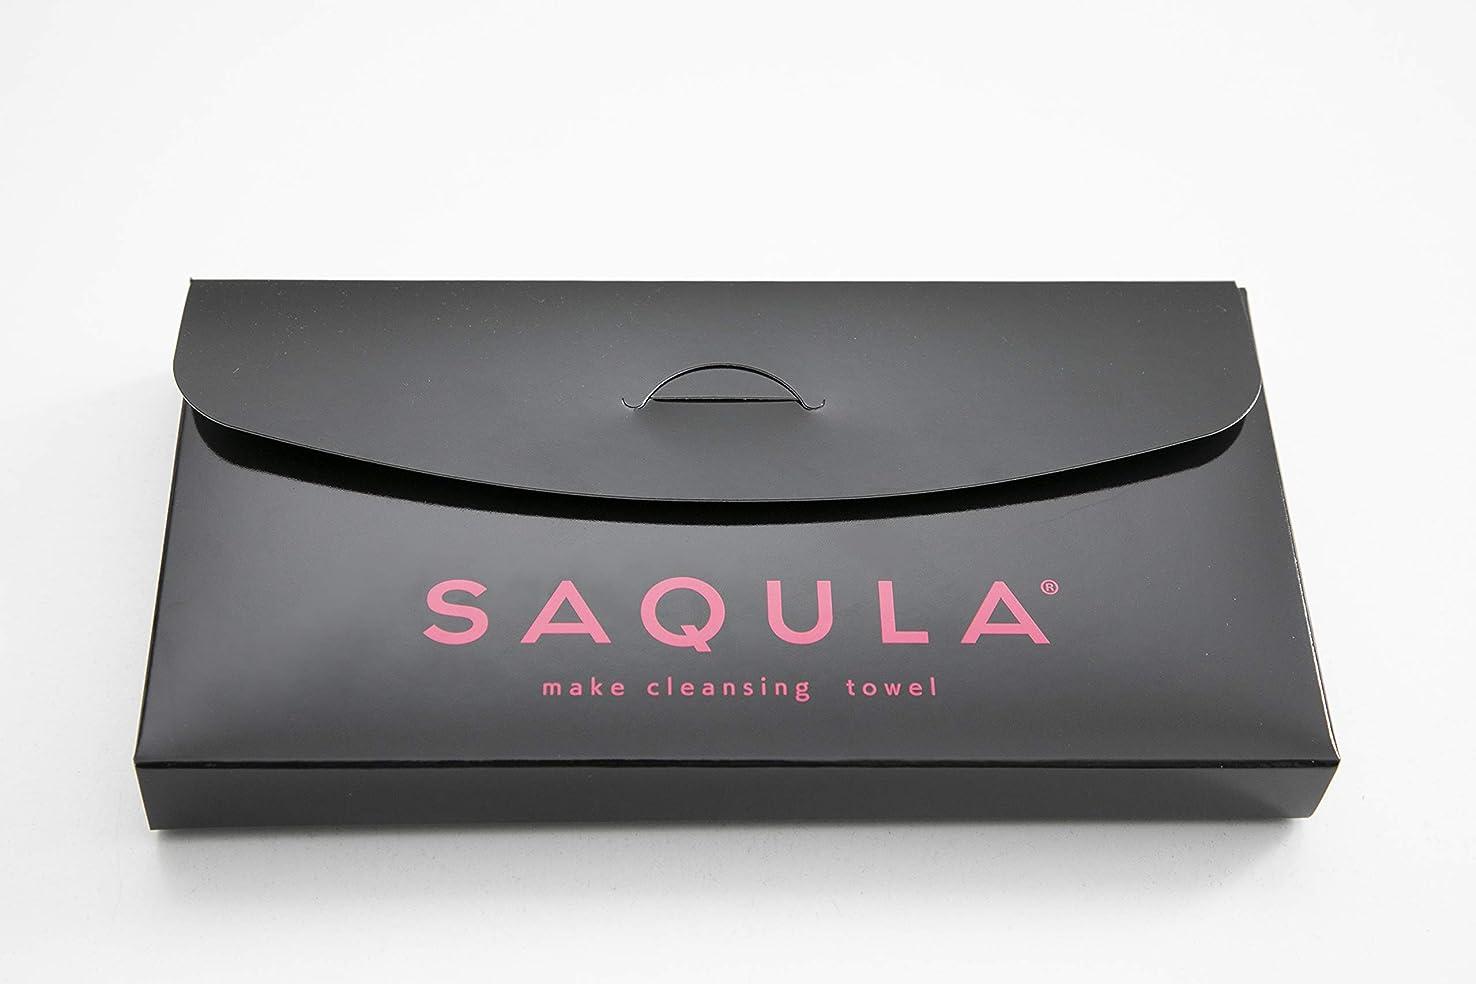 シャッフル天集中的なSAQULA クレンジングタオル ピンク テレビで紹介された 水に濡らして拭くだけで簡単にメイクが落とせるクレンジングタオル